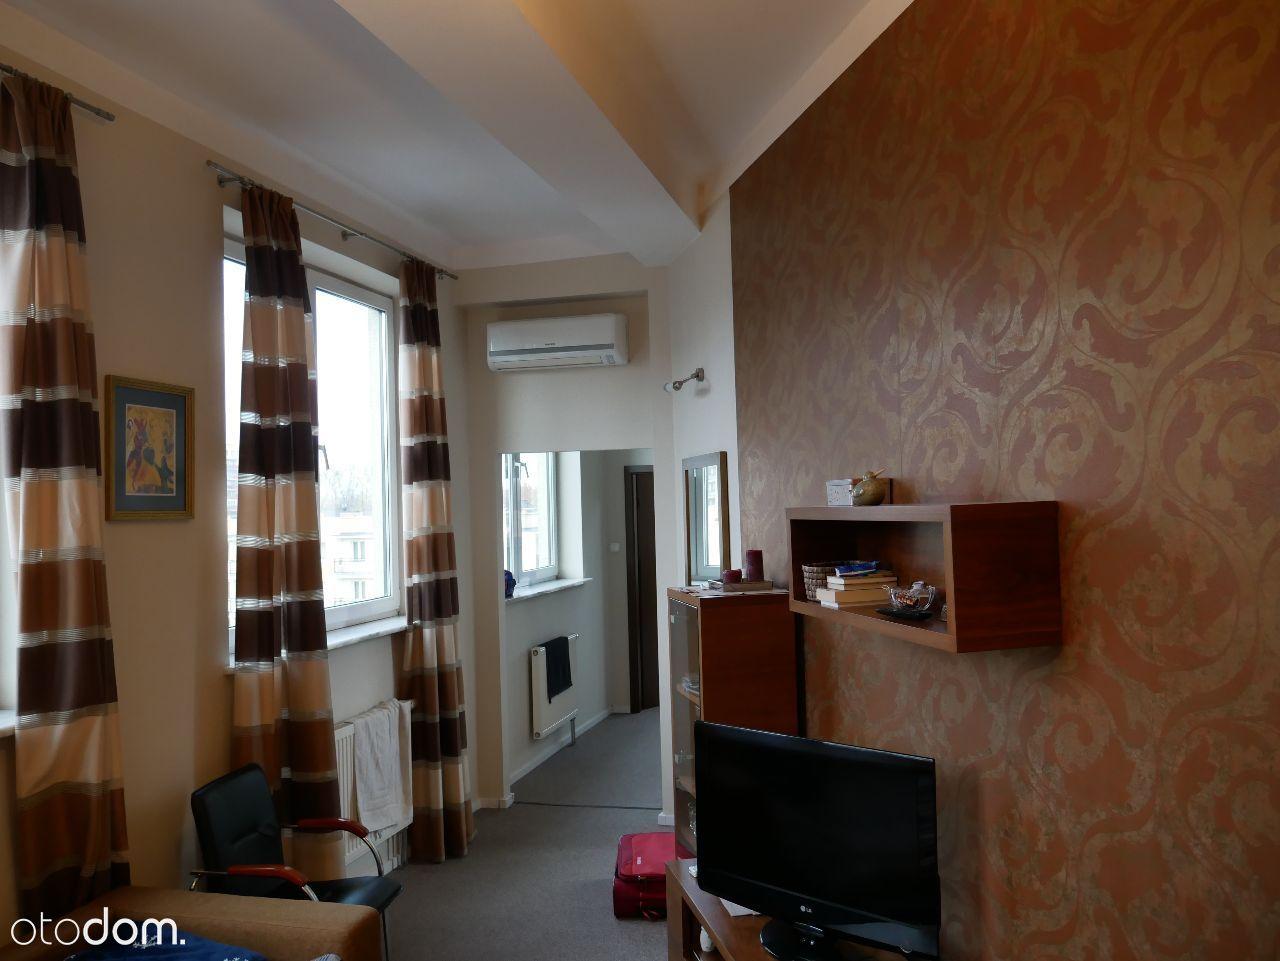 Lokal użytkowy na wynajem, Białystok, Centrum - Foto 6